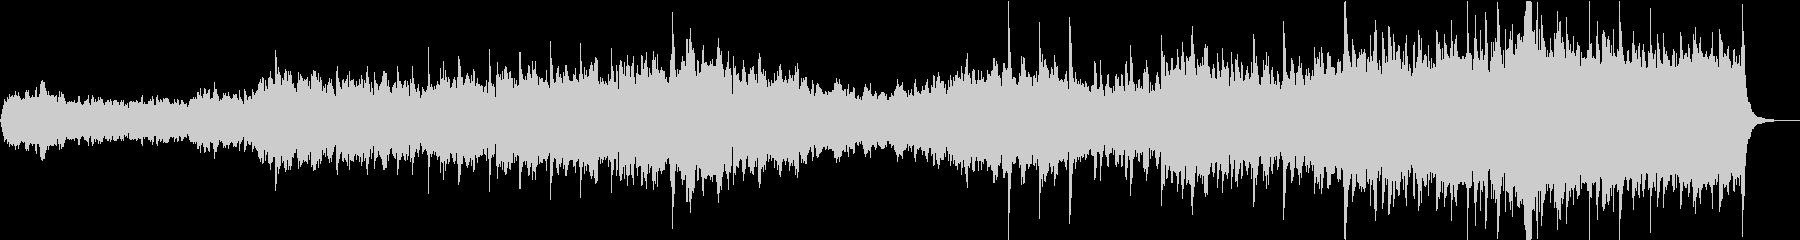 これは、オーケストラとパーカッショ...の未再生の波形